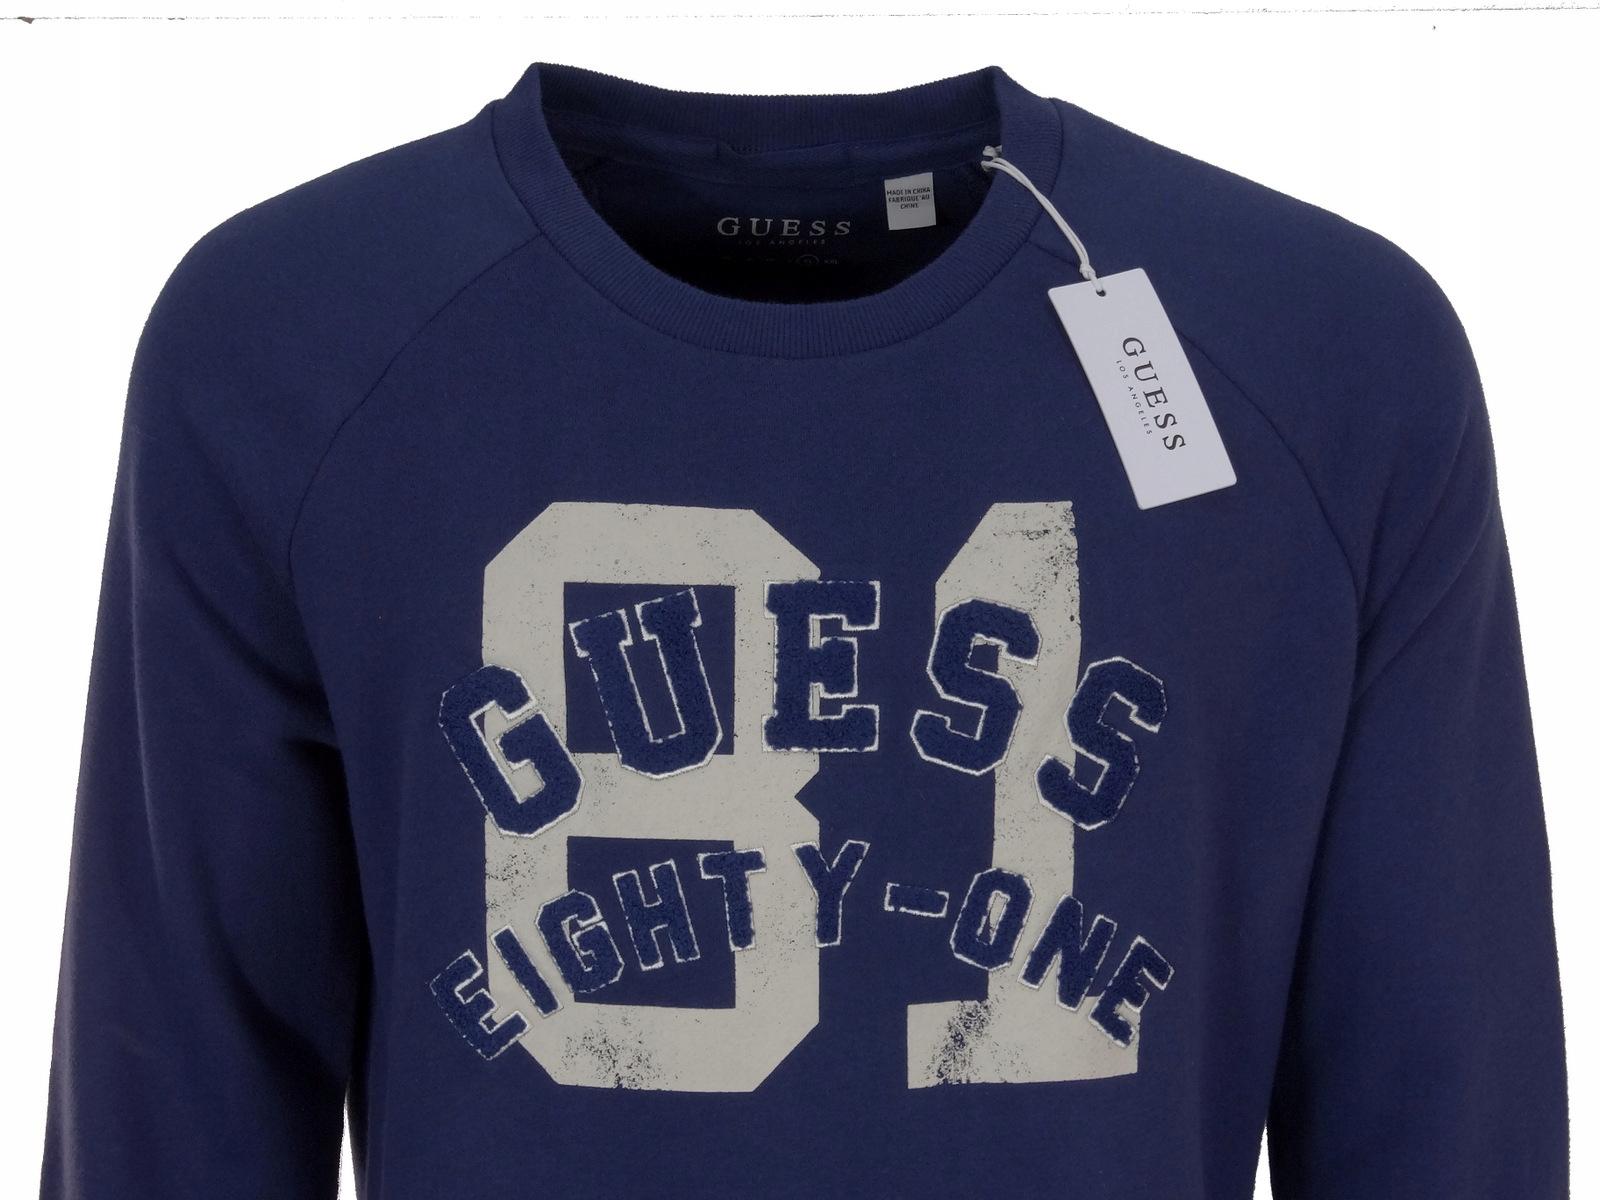 0e3a5c026bc03 GUESS bluza męska XL - 7582247493 - oficjalne archiwum allegro